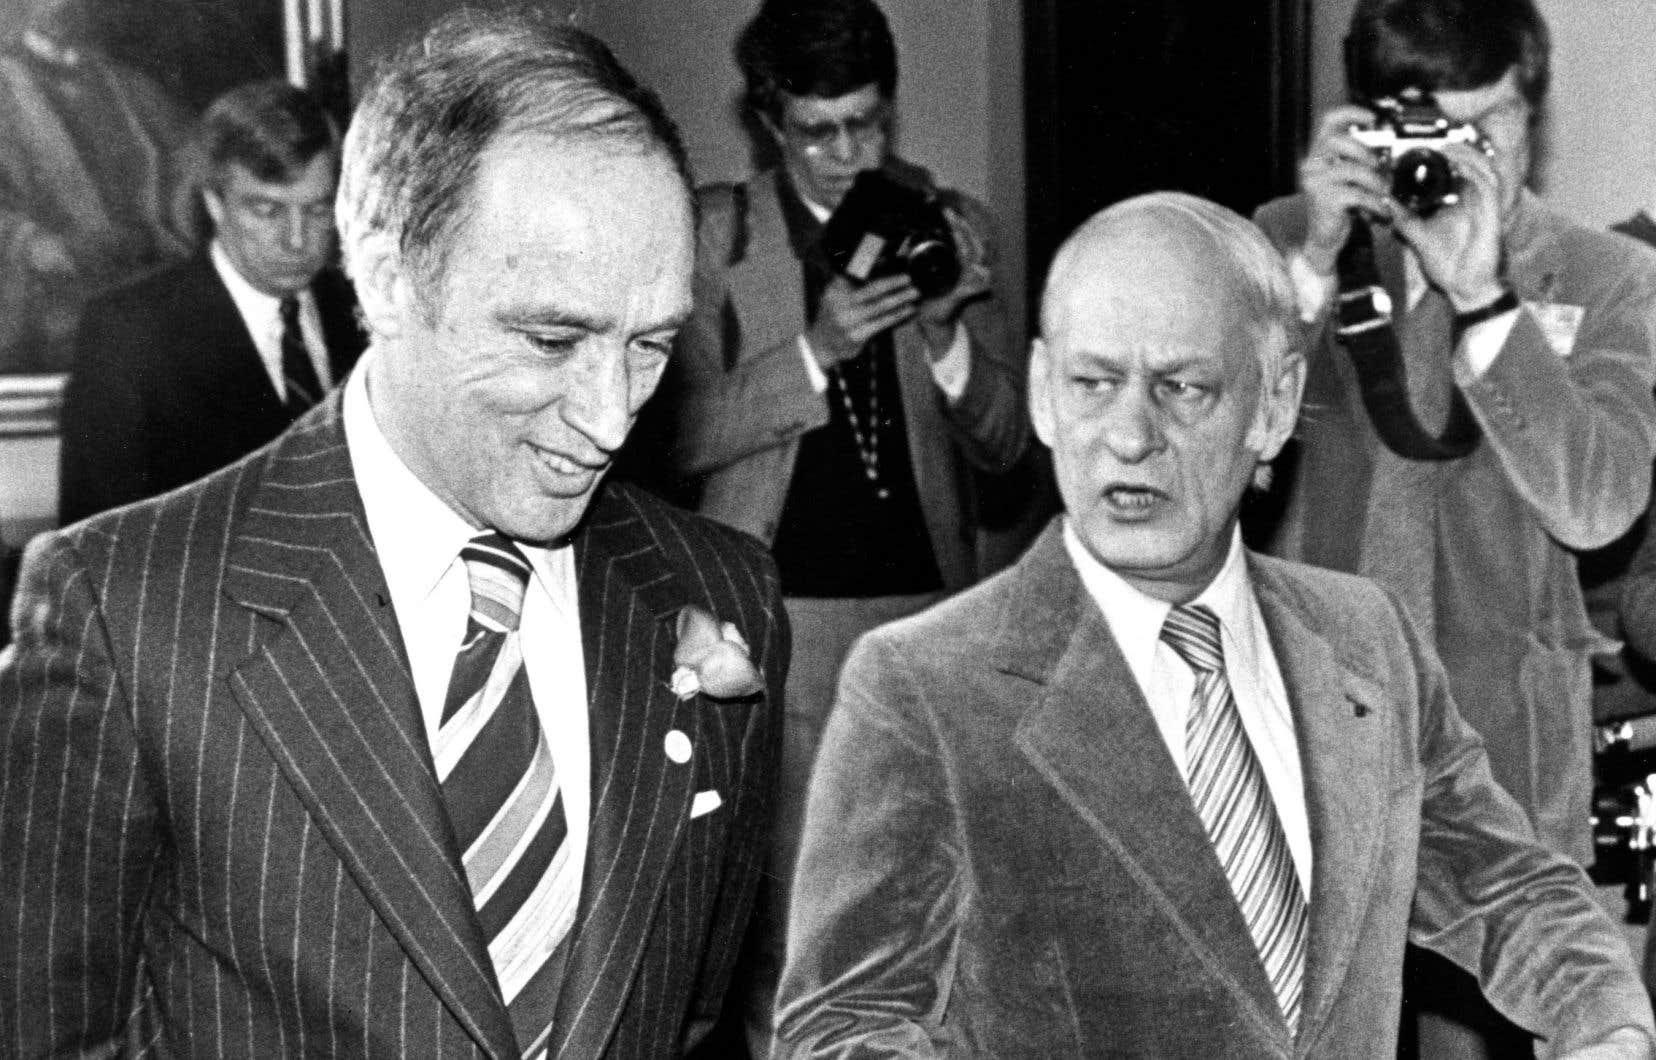 «En fait, M. Trudeau et son gouvernement ont pris toutes sortes de mesures pour soutenir l'économie québécoise à la suite de l'élection du PQ en 1976.», écrit l'auteur.